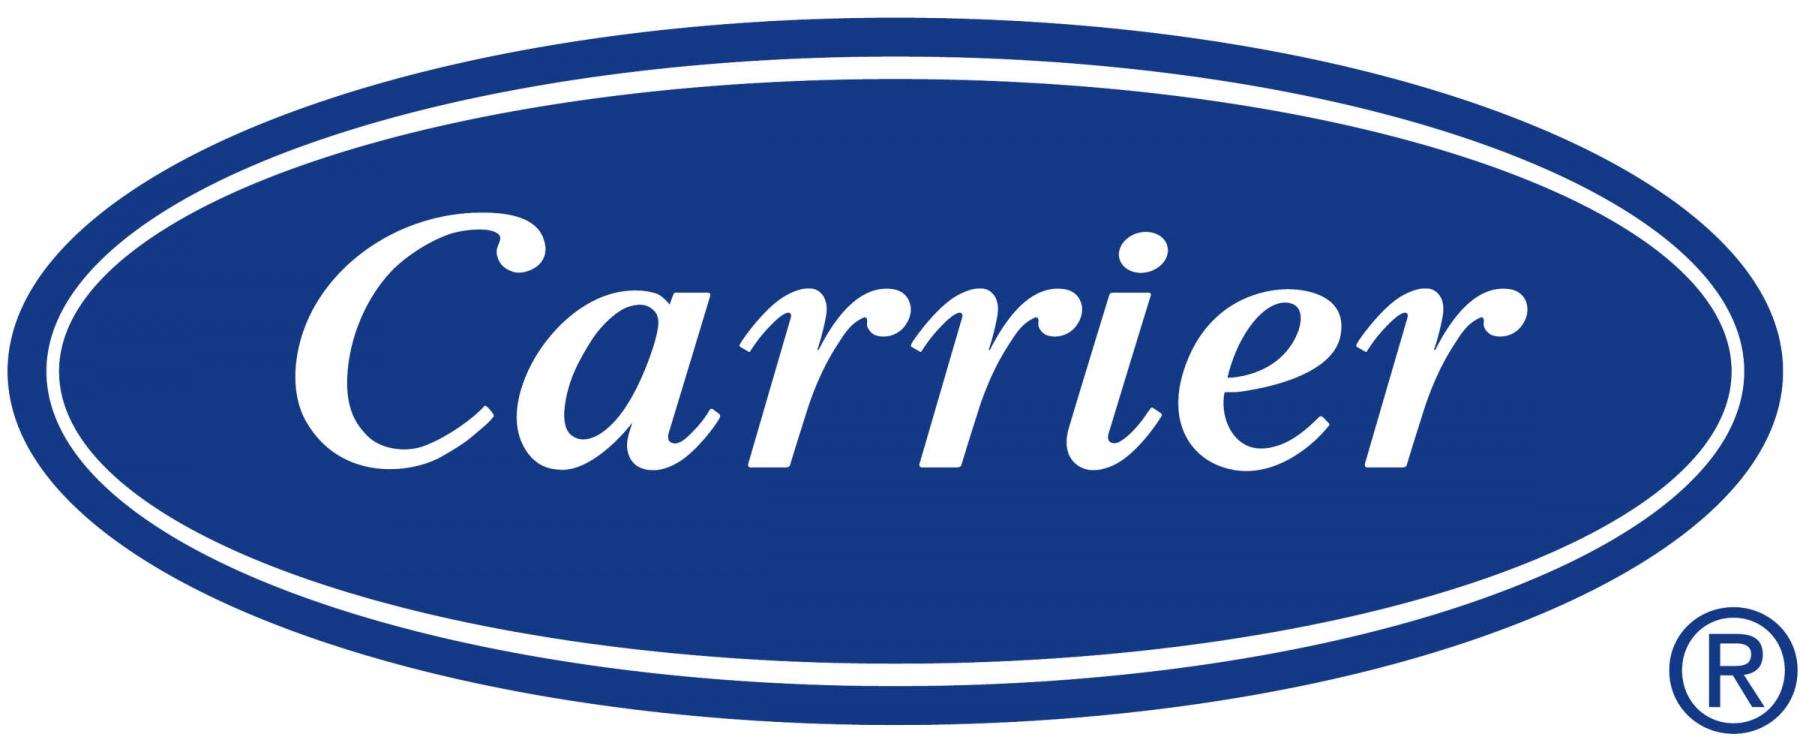 carrrier